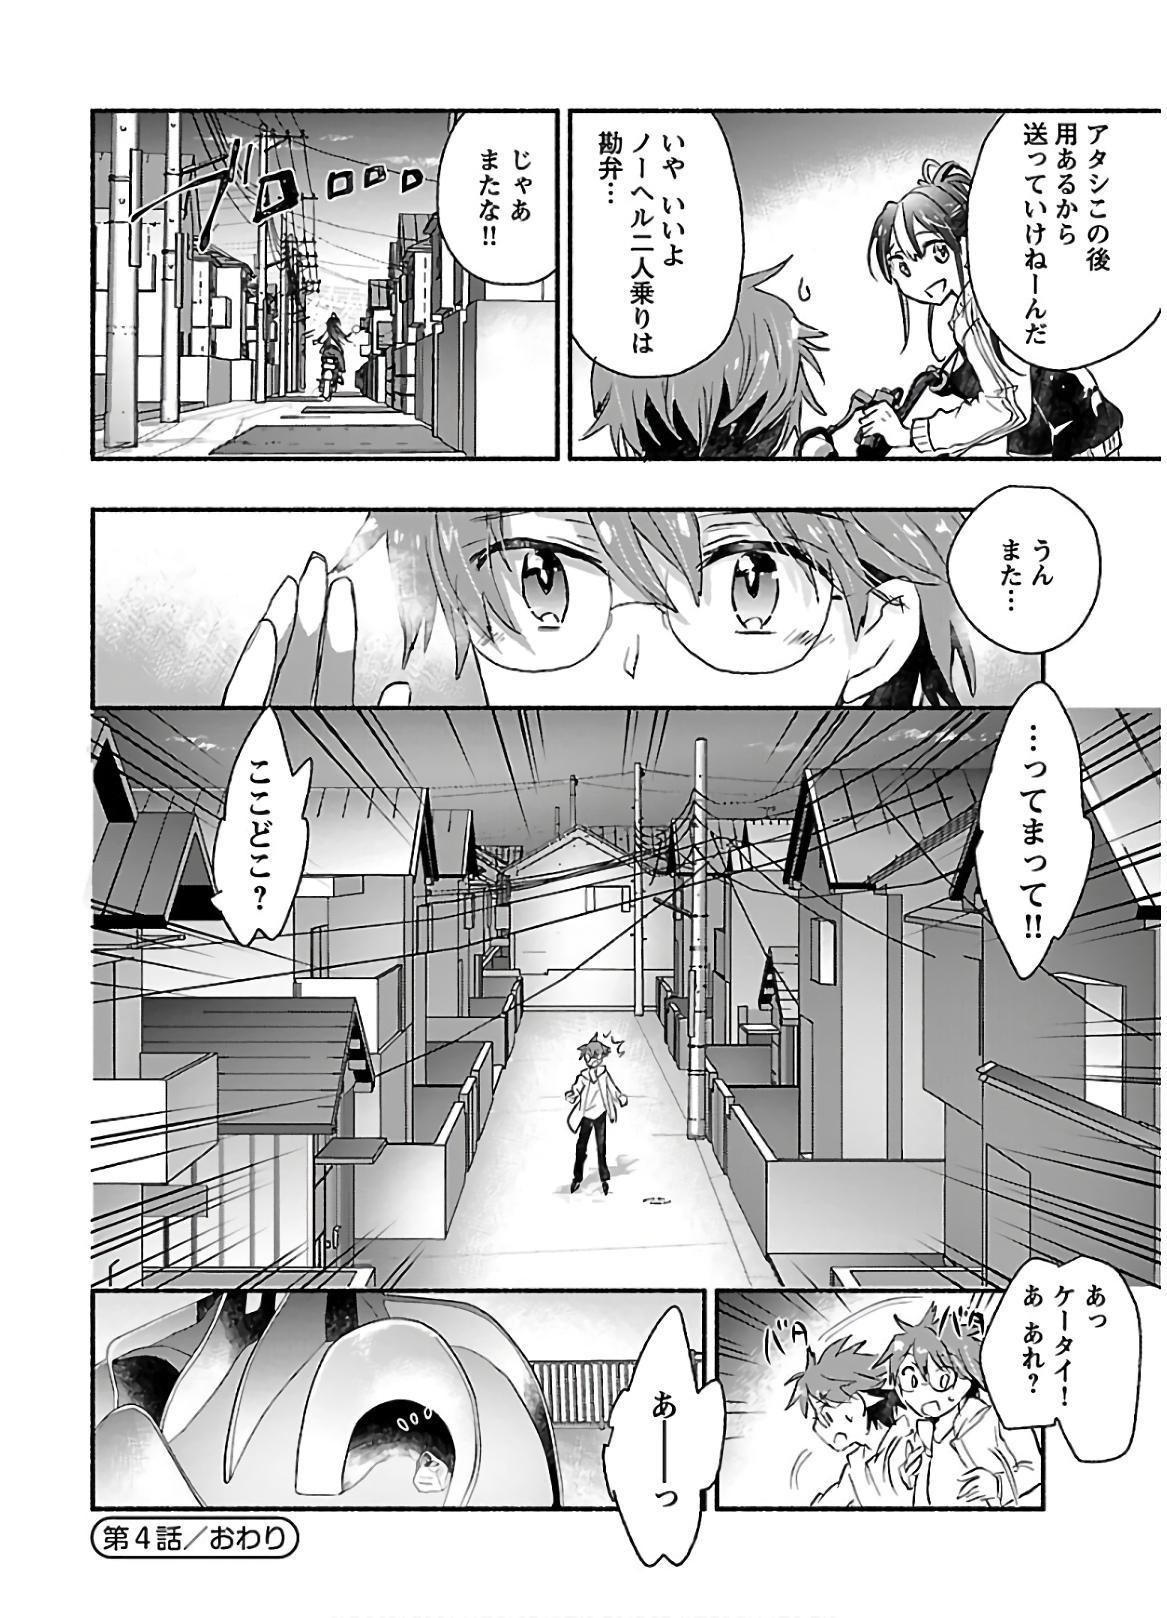 Yankii musume ni natsukarete kotoshi mo juken ni shippai shisou desu  vol.1 131